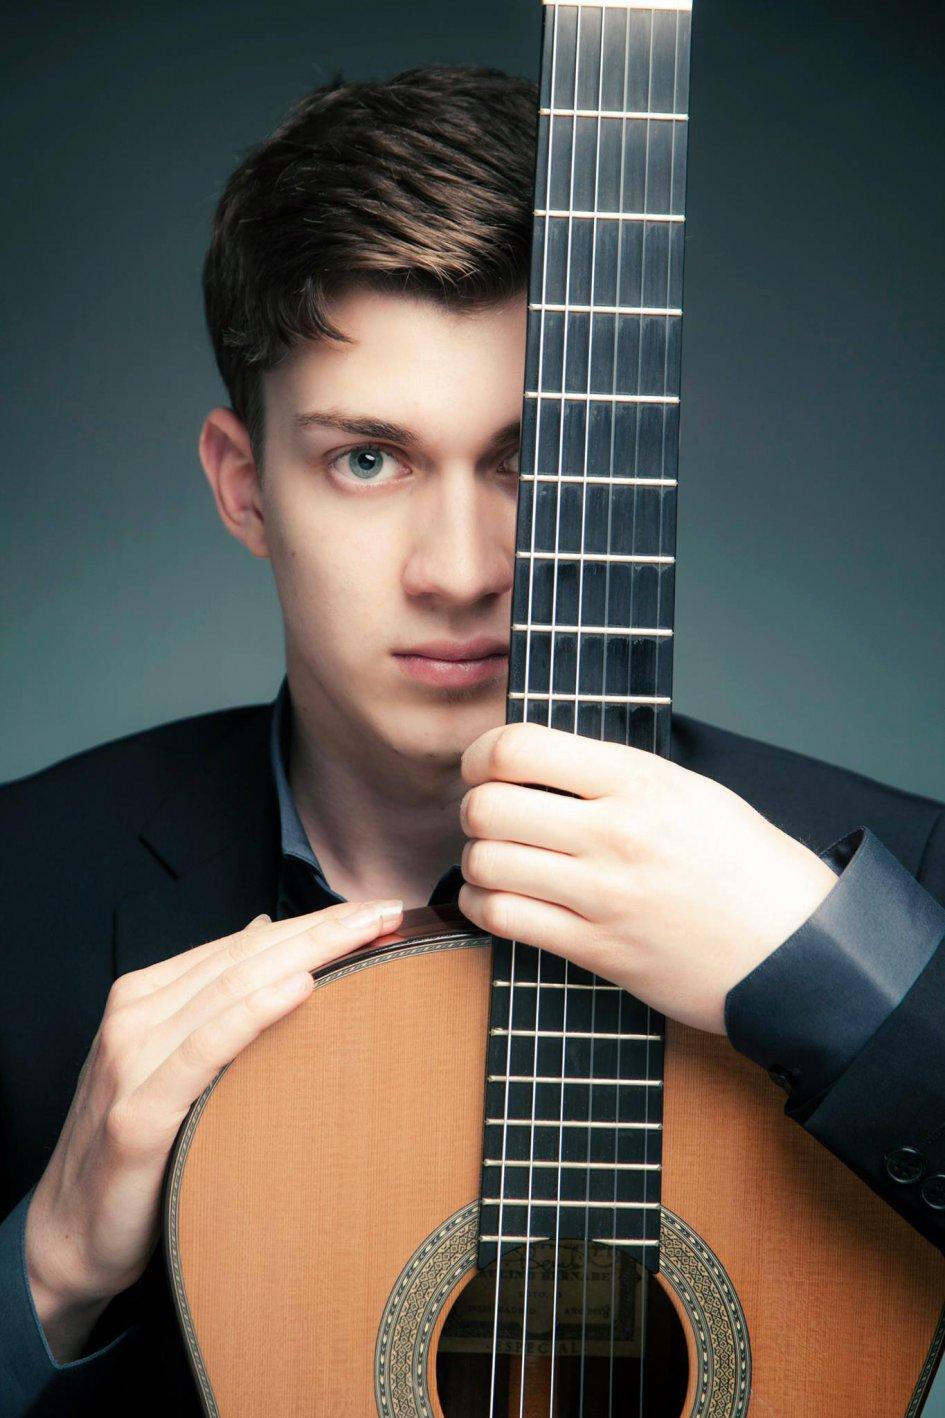 Le guitariste Thibaut Garcia